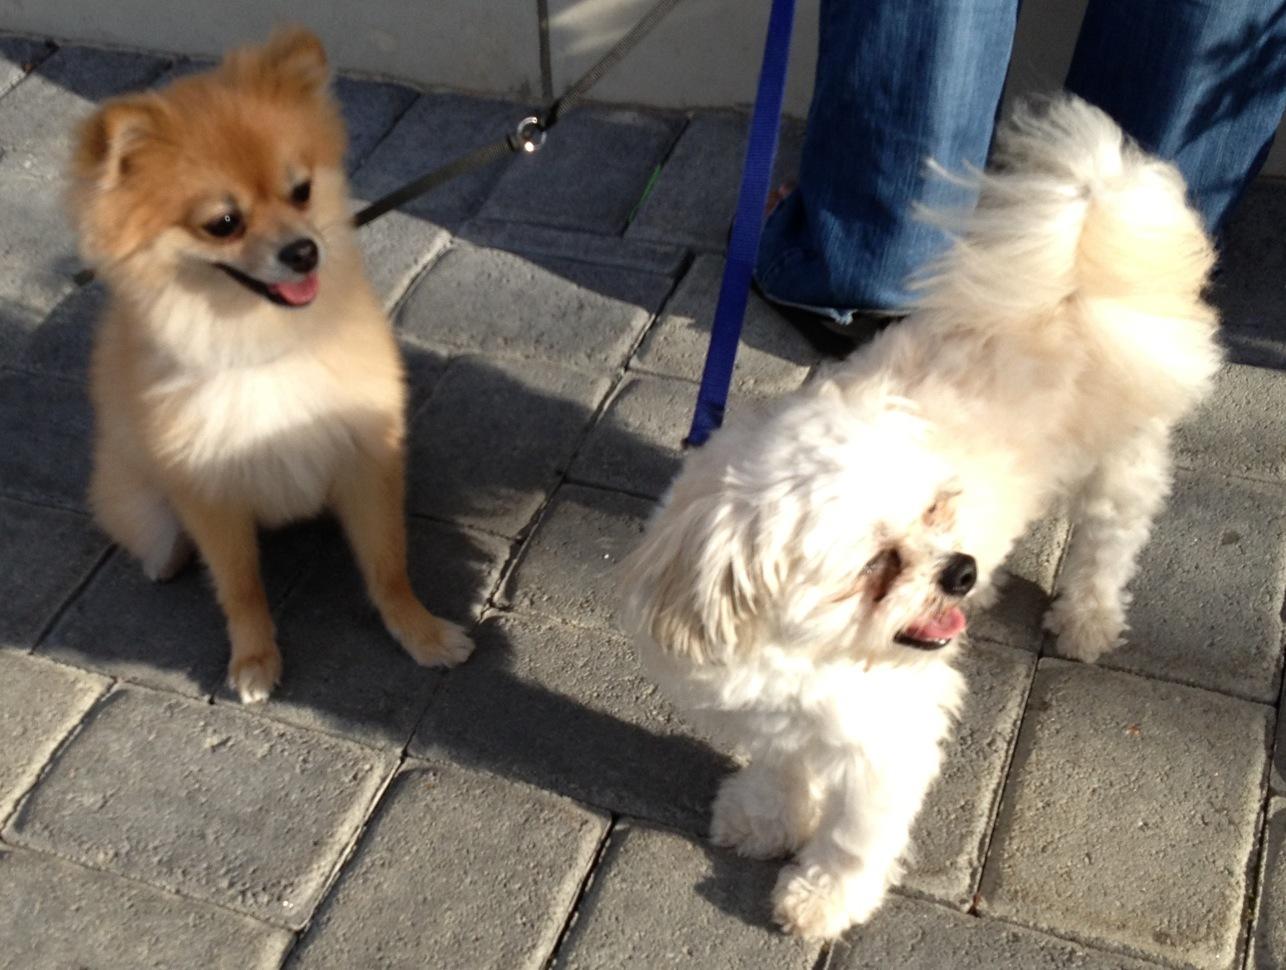 d67fd576532e8563c77d_Dogs.jpg